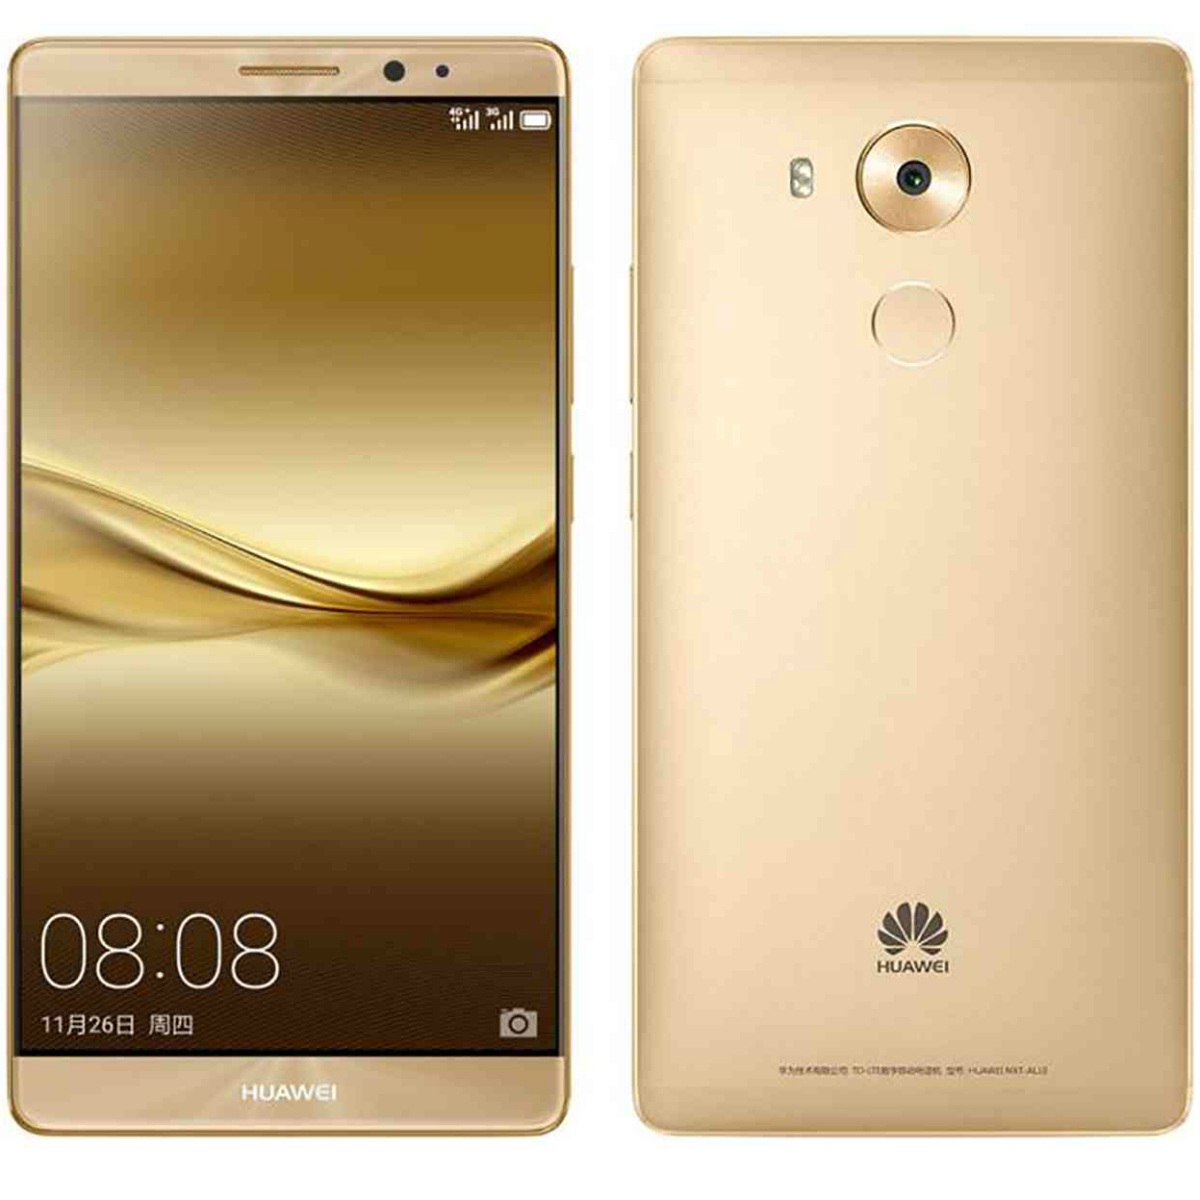 Huawei Ascend Mate 8 price in Nigeria